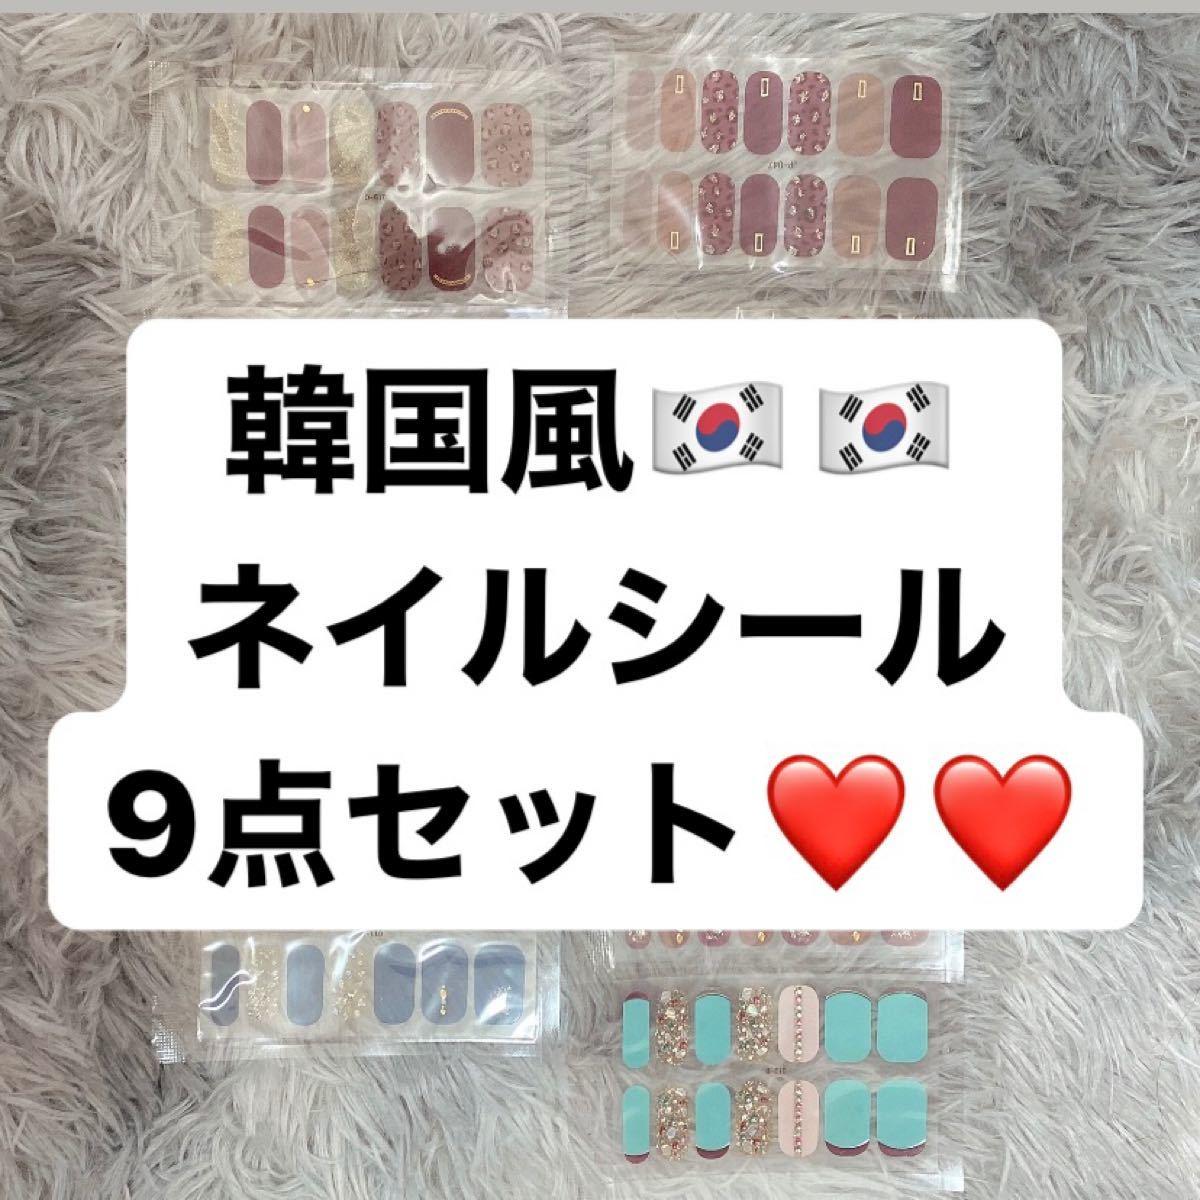 新品 オルチャン ネイルシール ジェルネイル 韓国 貼るだけ ネイル マニキュア ピンク シール ジェル ネイルシール